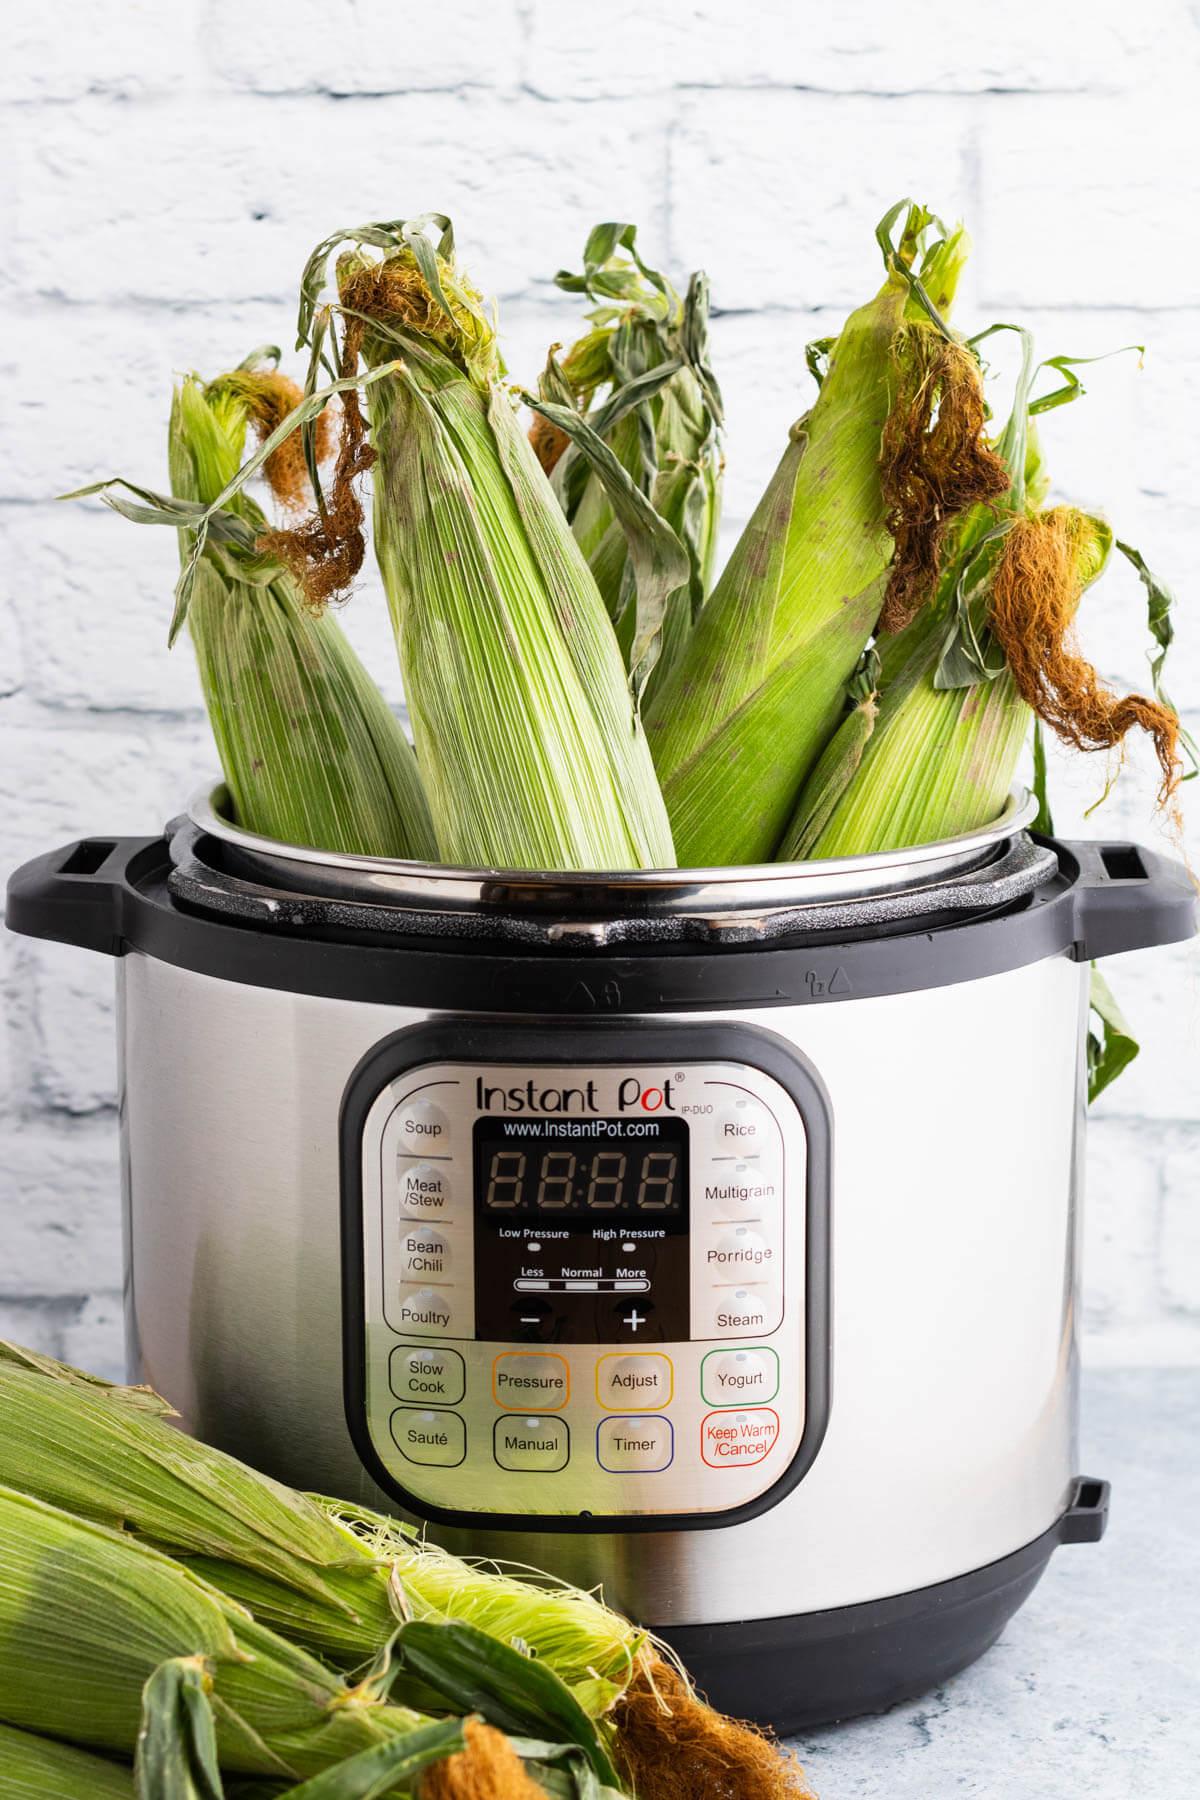 Green ears of corn arranged in an open Instant Pot.